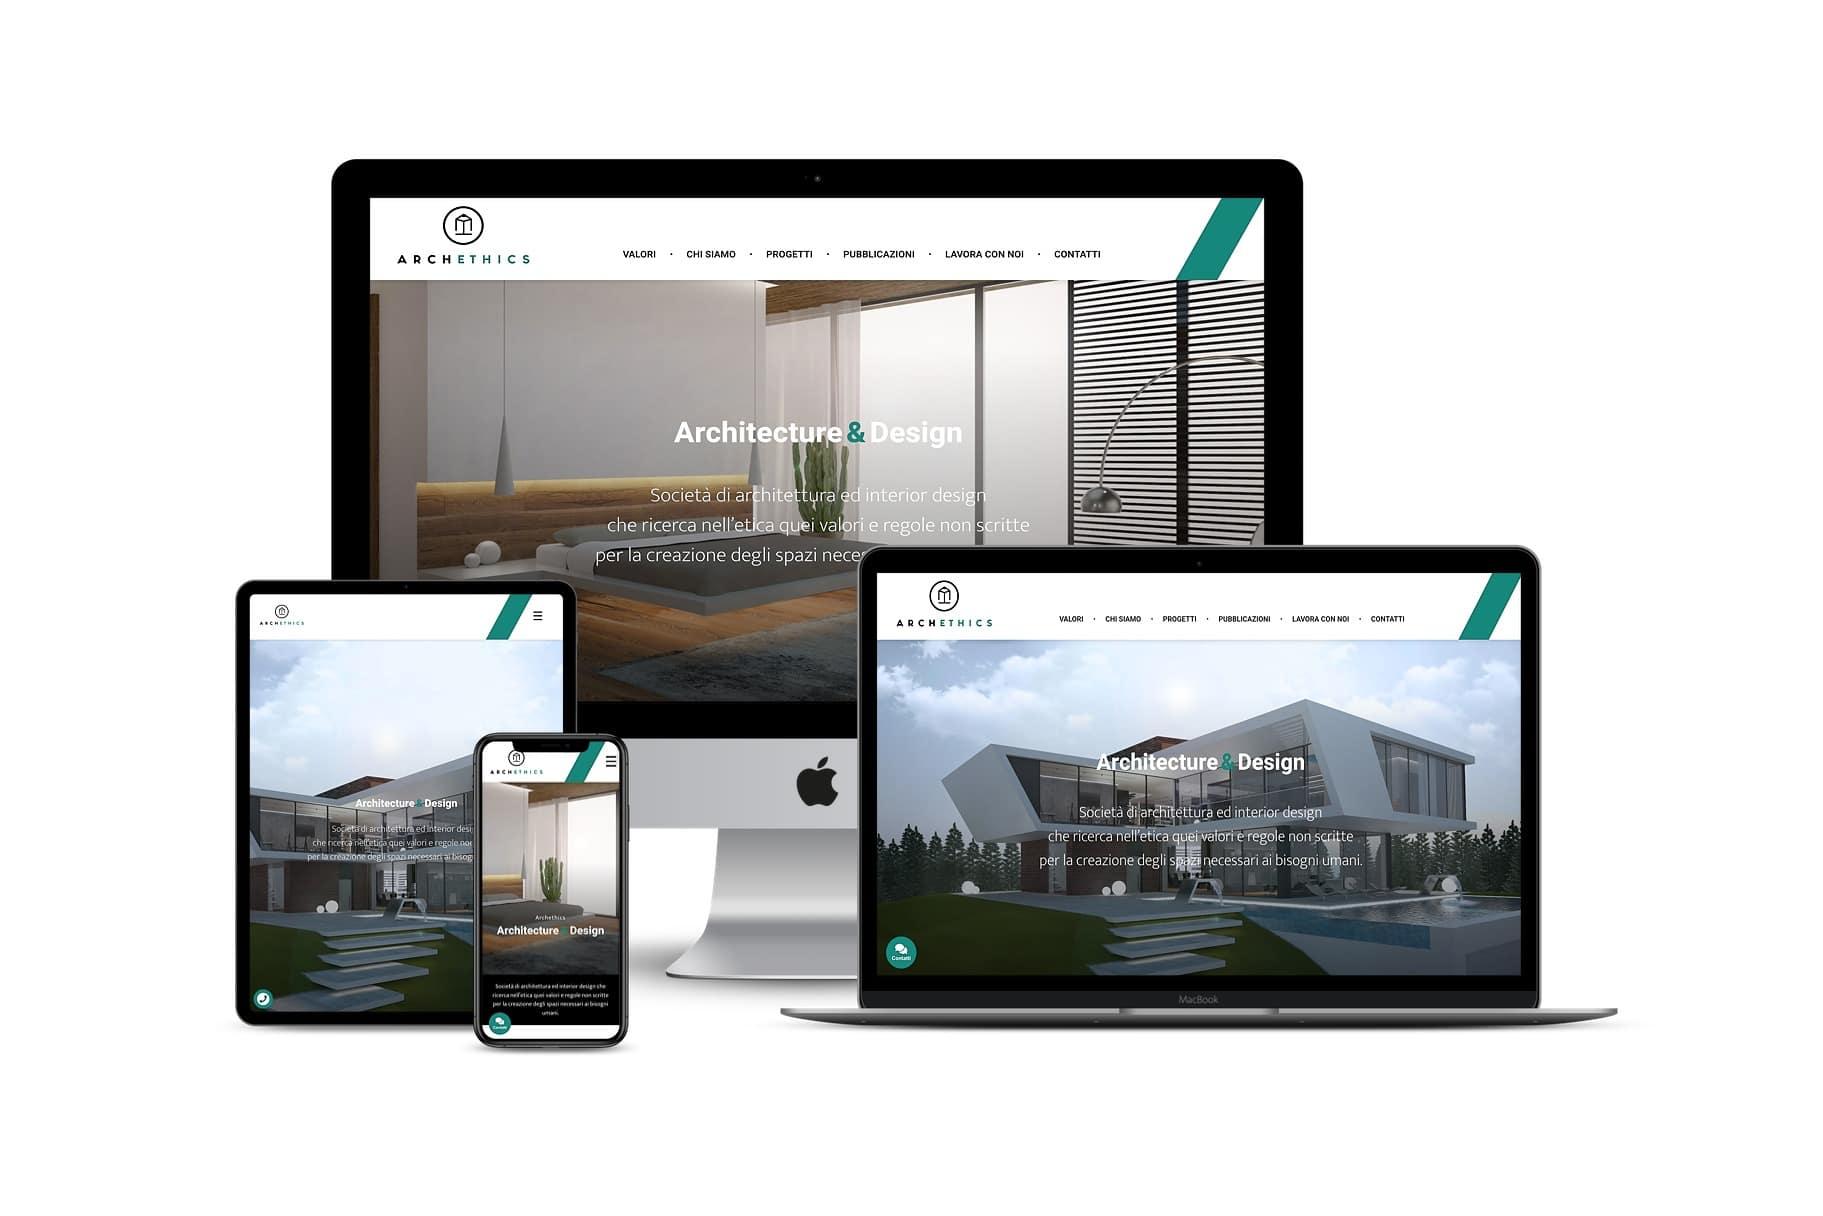 Sito Web studio architetti e Interior DesignerLink: www.archethics.com